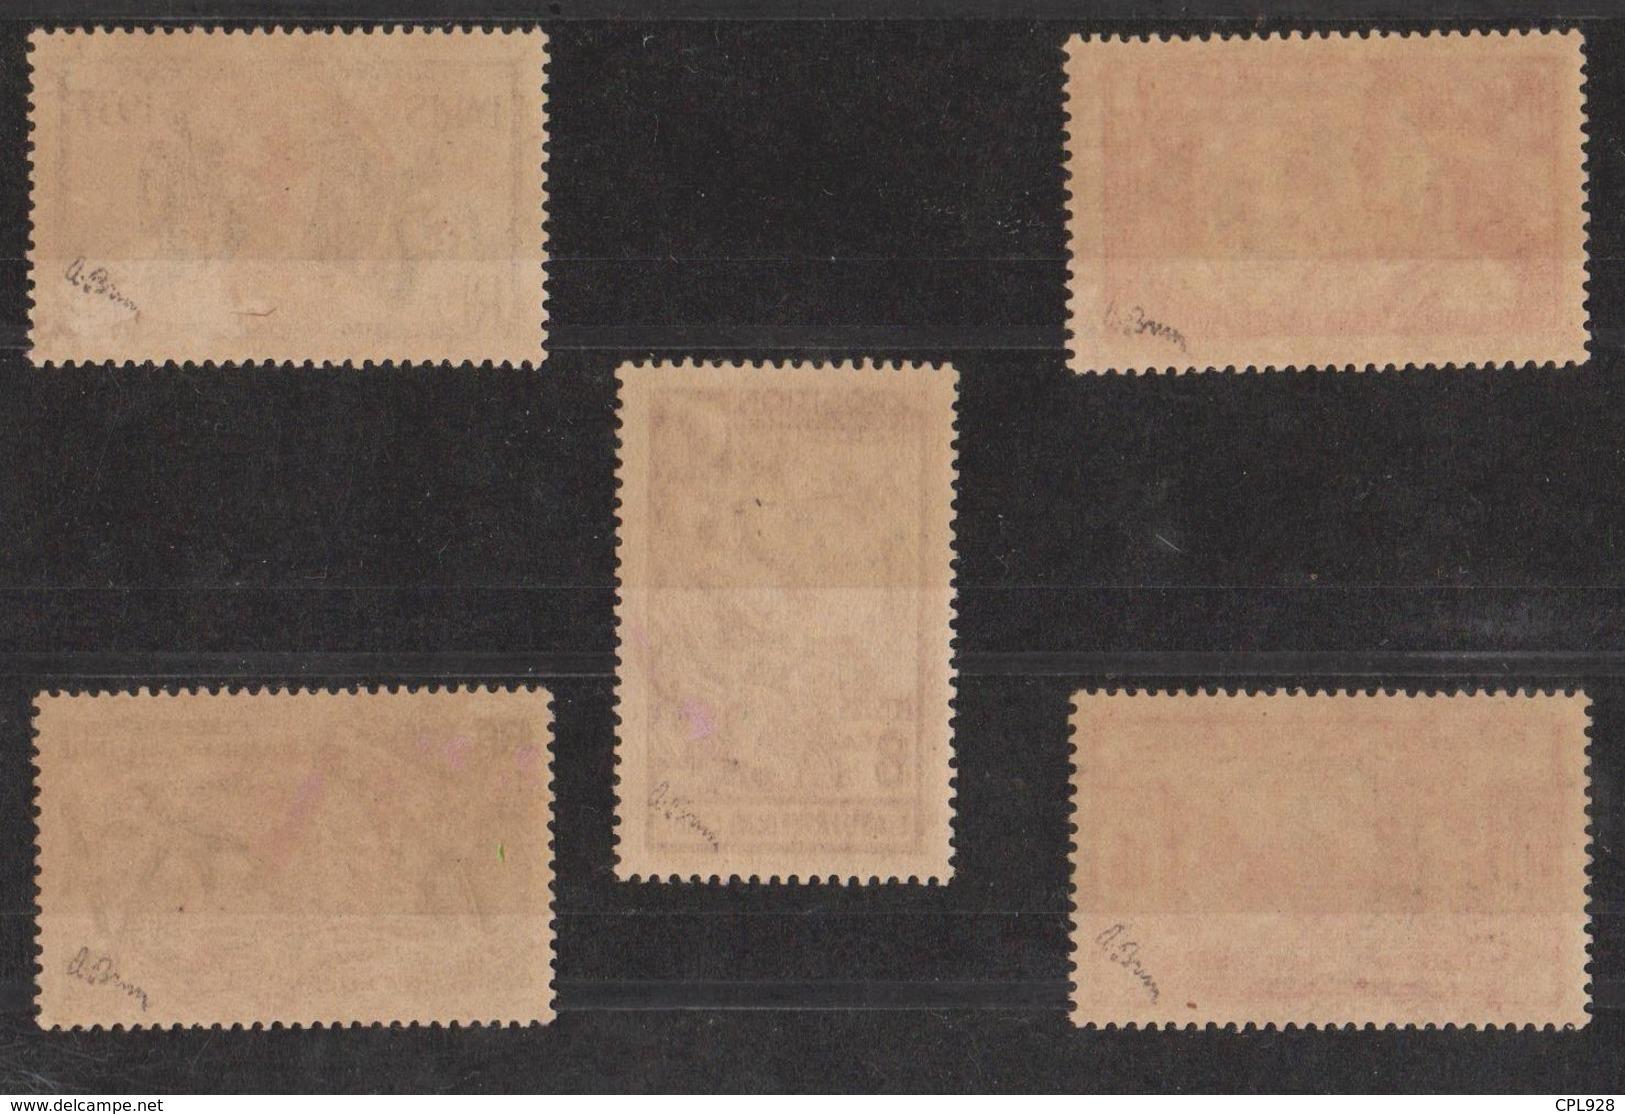 Etabl. Français Dans L'Inde N° 230 X à 230 BB Signés A. BRUN Cote: 1 750€ - Used Stamps